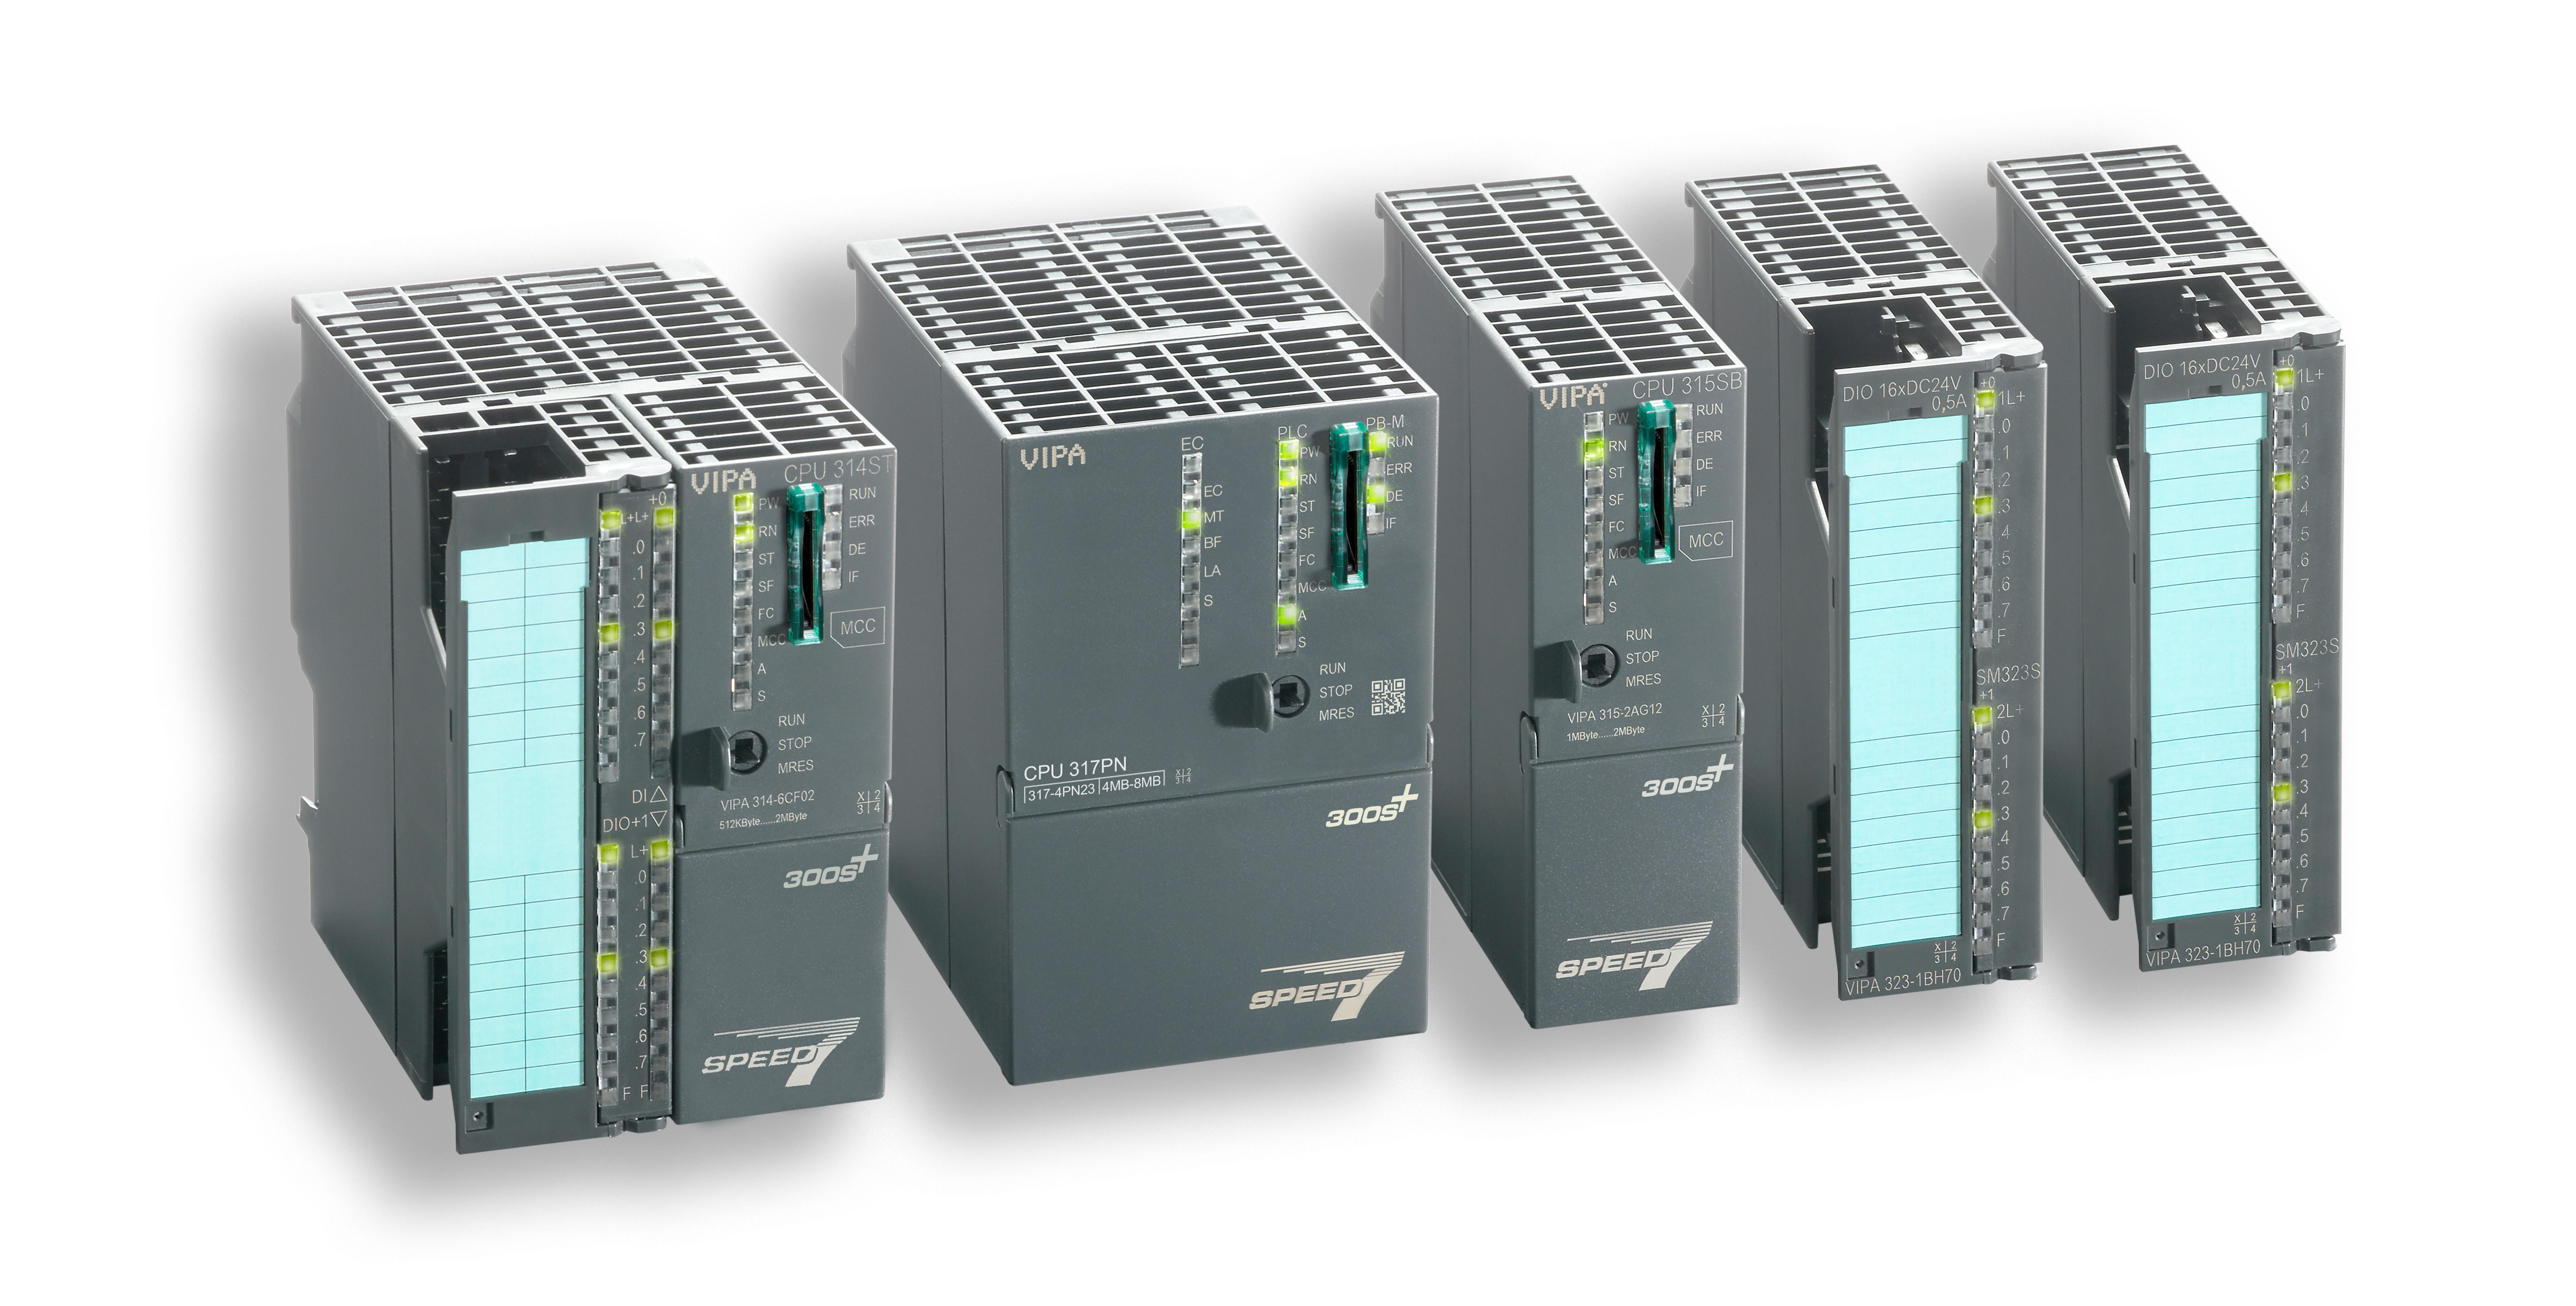 Yaskawa erhöht die Standardverfügbarkeit für die Steuerungsgeneration Vipa 300S+ und reagiert damit auf spezifische Marktanforderungen.